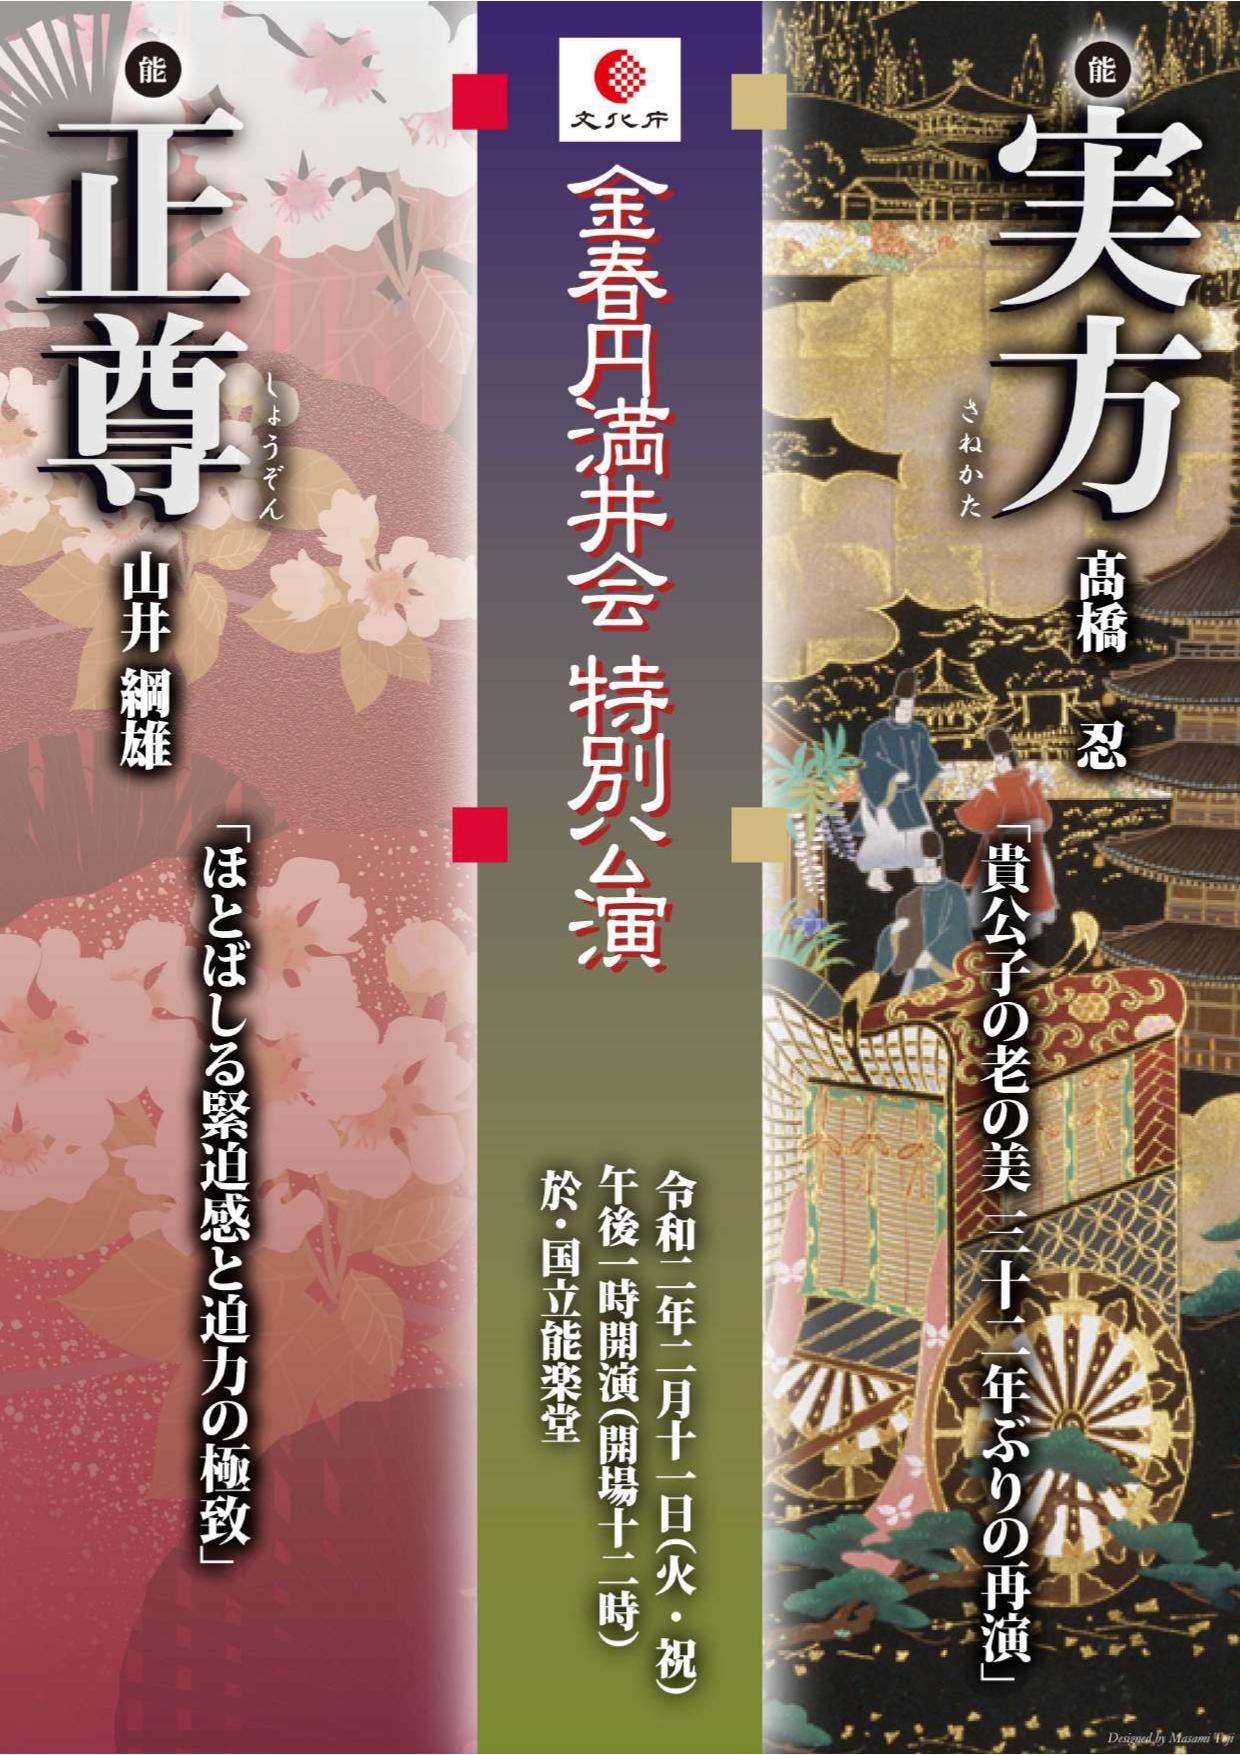 金春円満井会特別公演